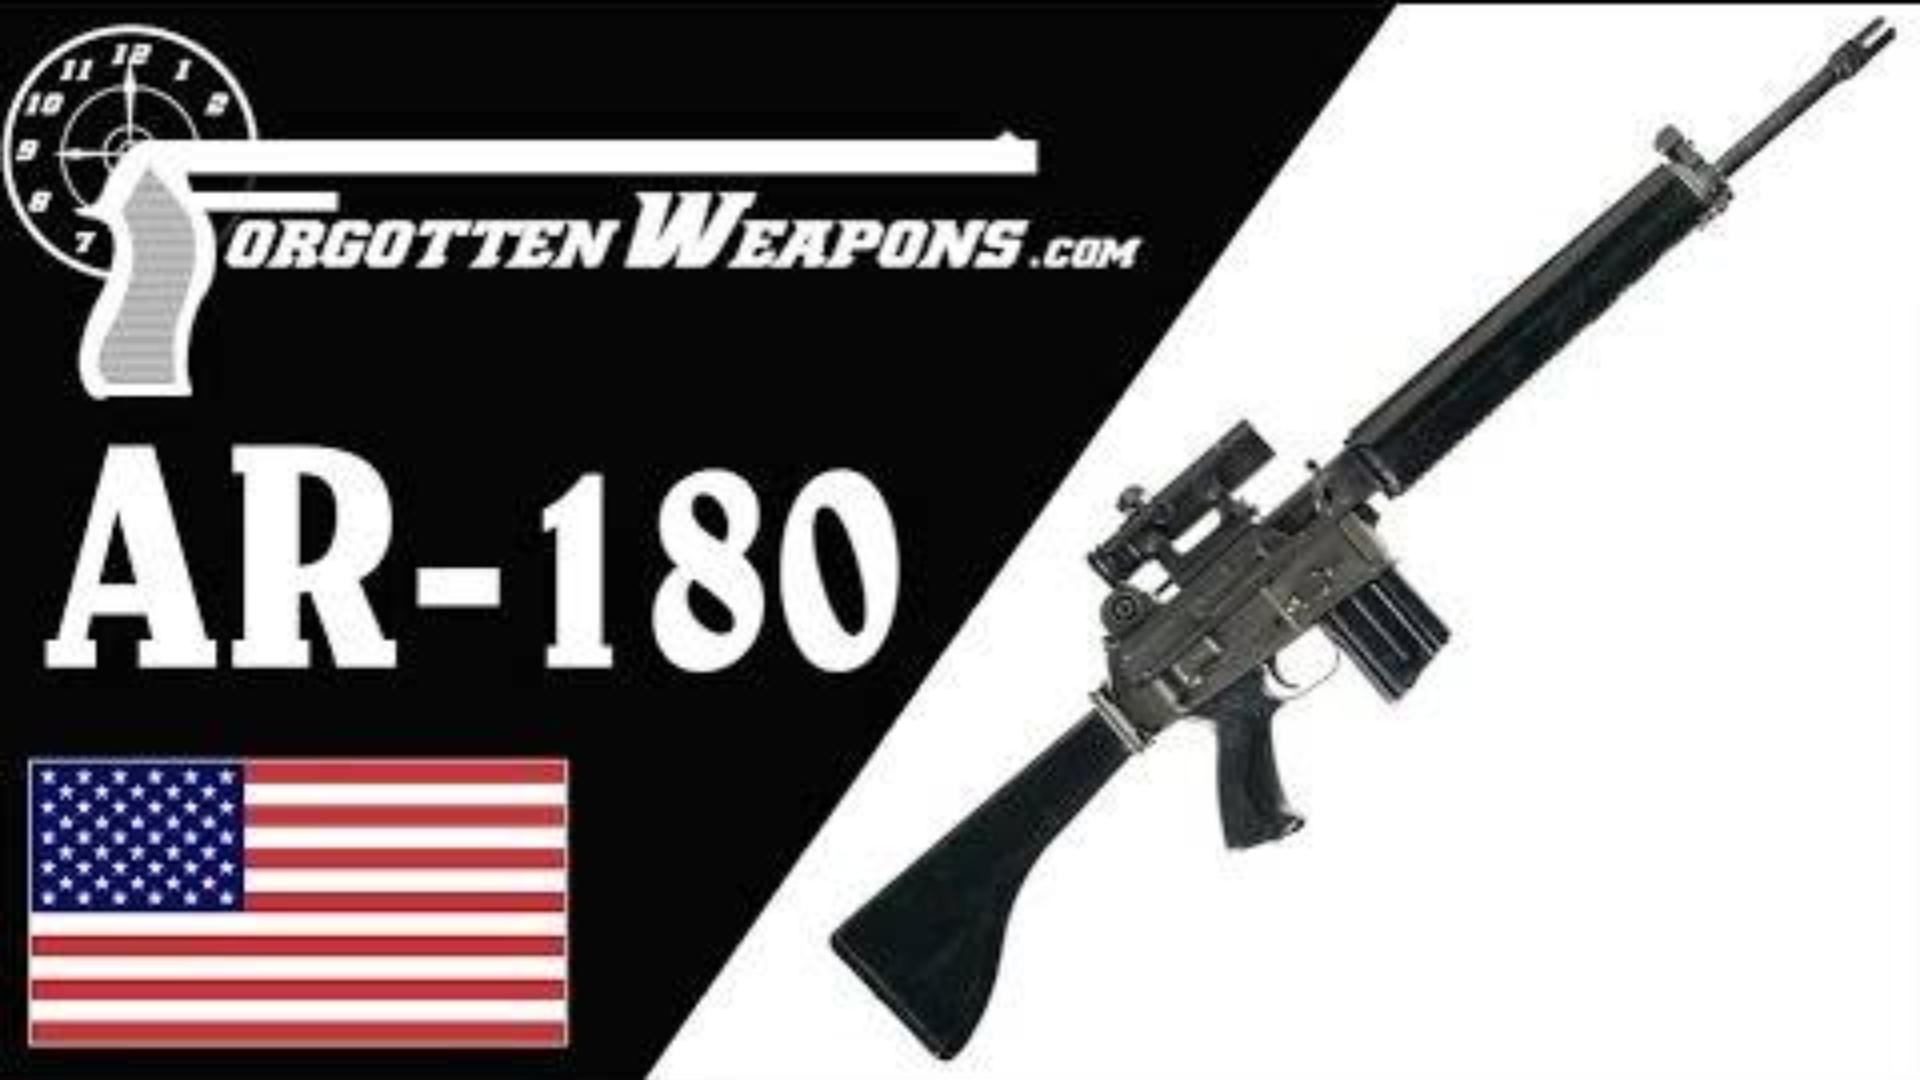 【被遗忘的武器/双语】AR-18与AR-180--阿玛莱特还能再度闪耀吗?